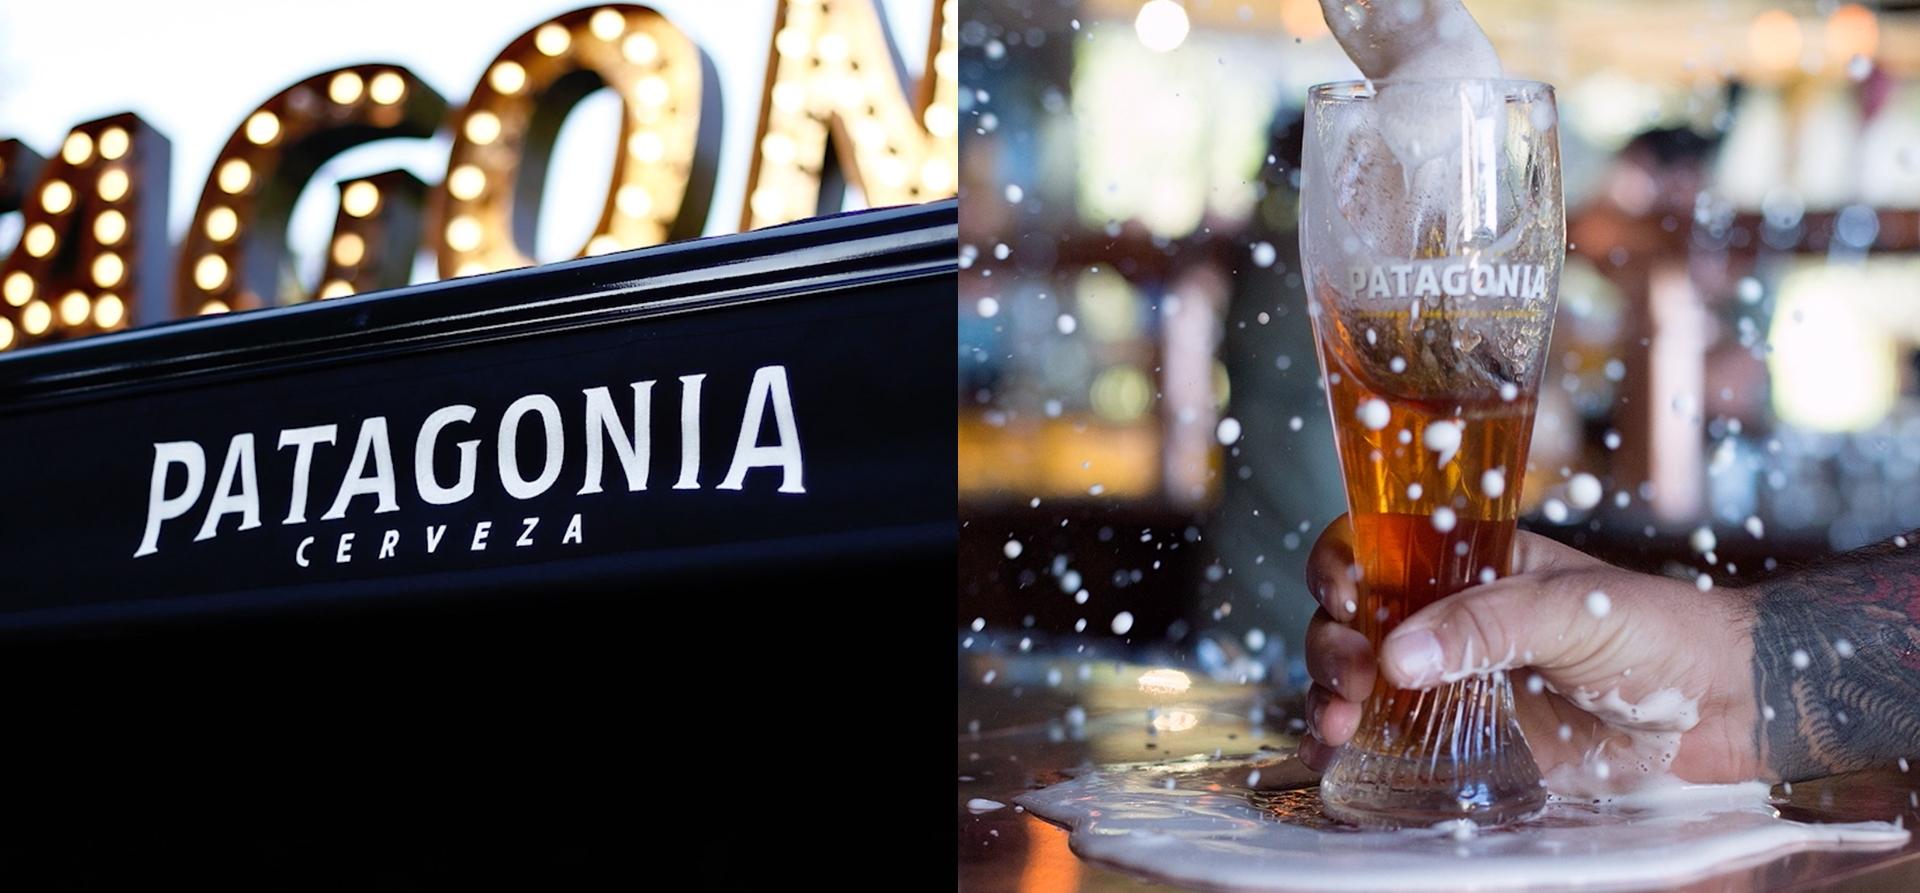 Patagonia_Branding_08.png